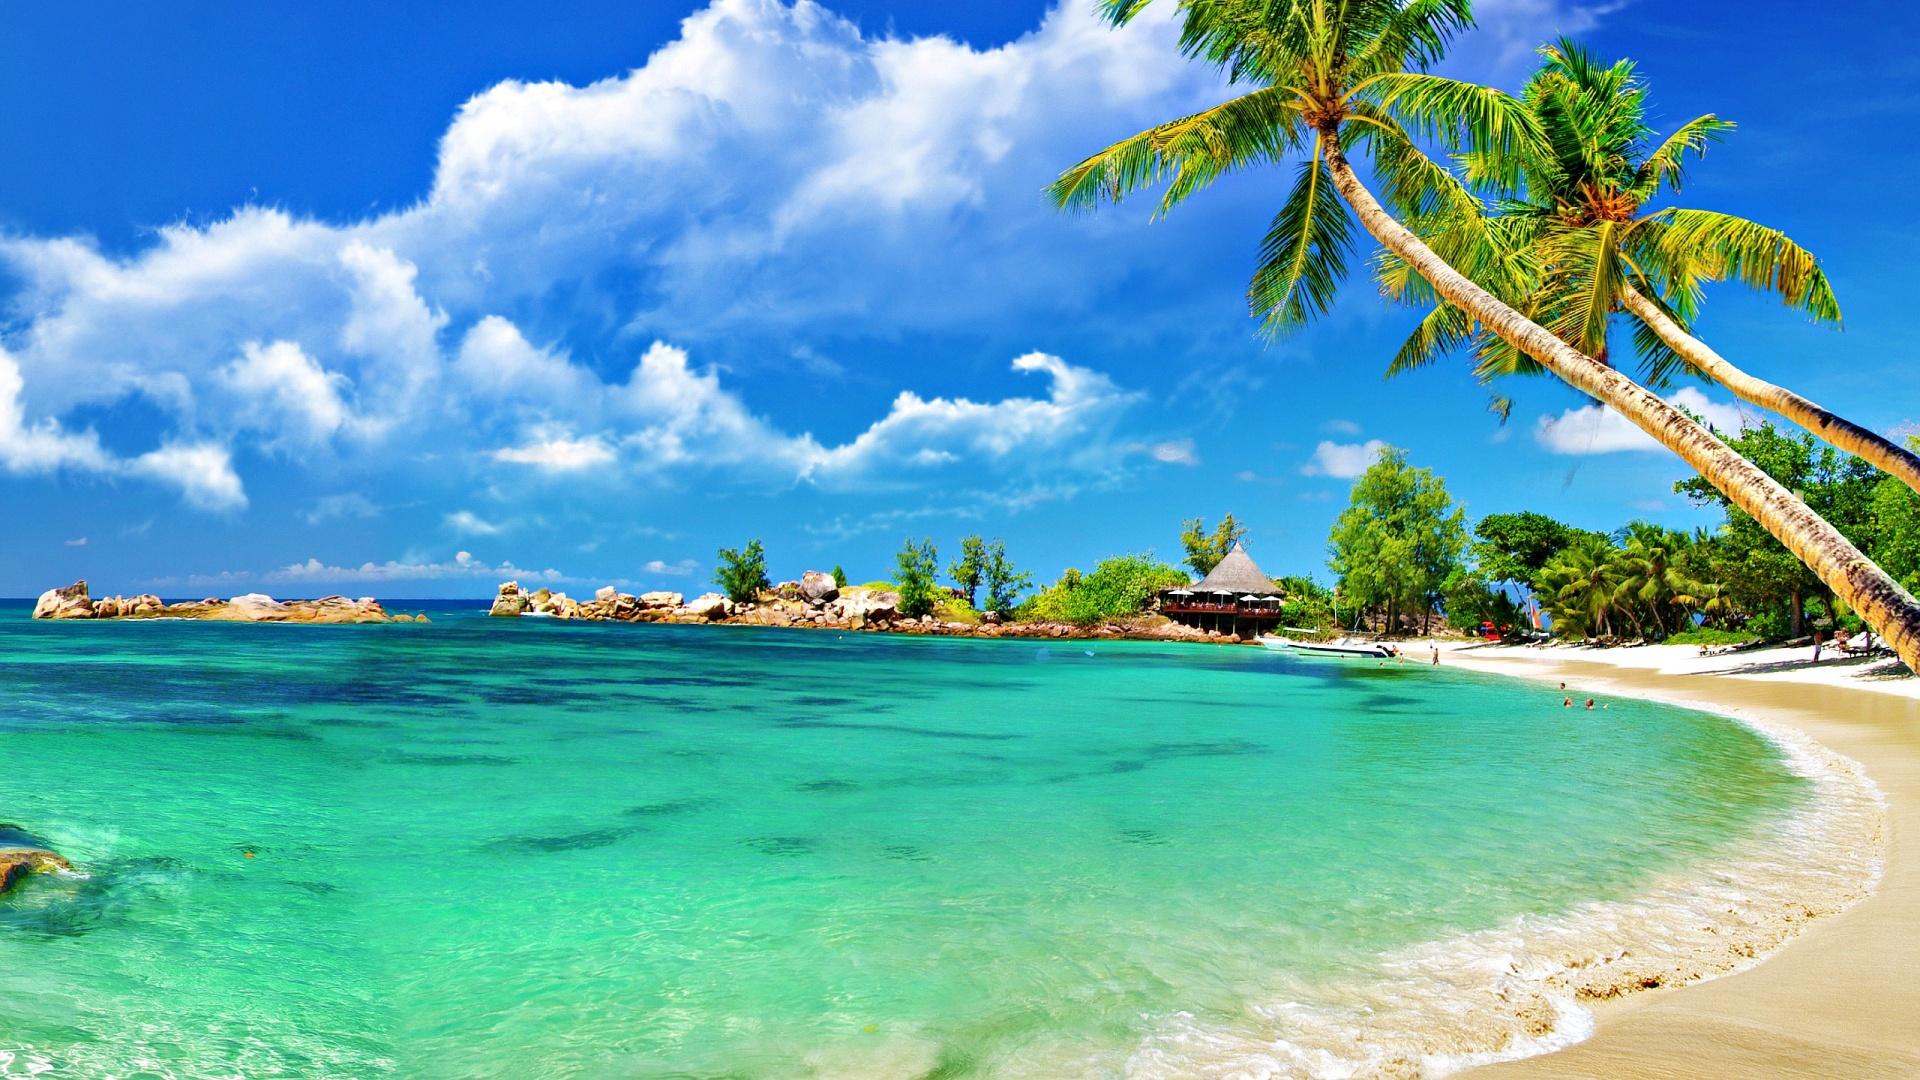 летние пляжи обои на рабочий стол № 491158 бесплатно